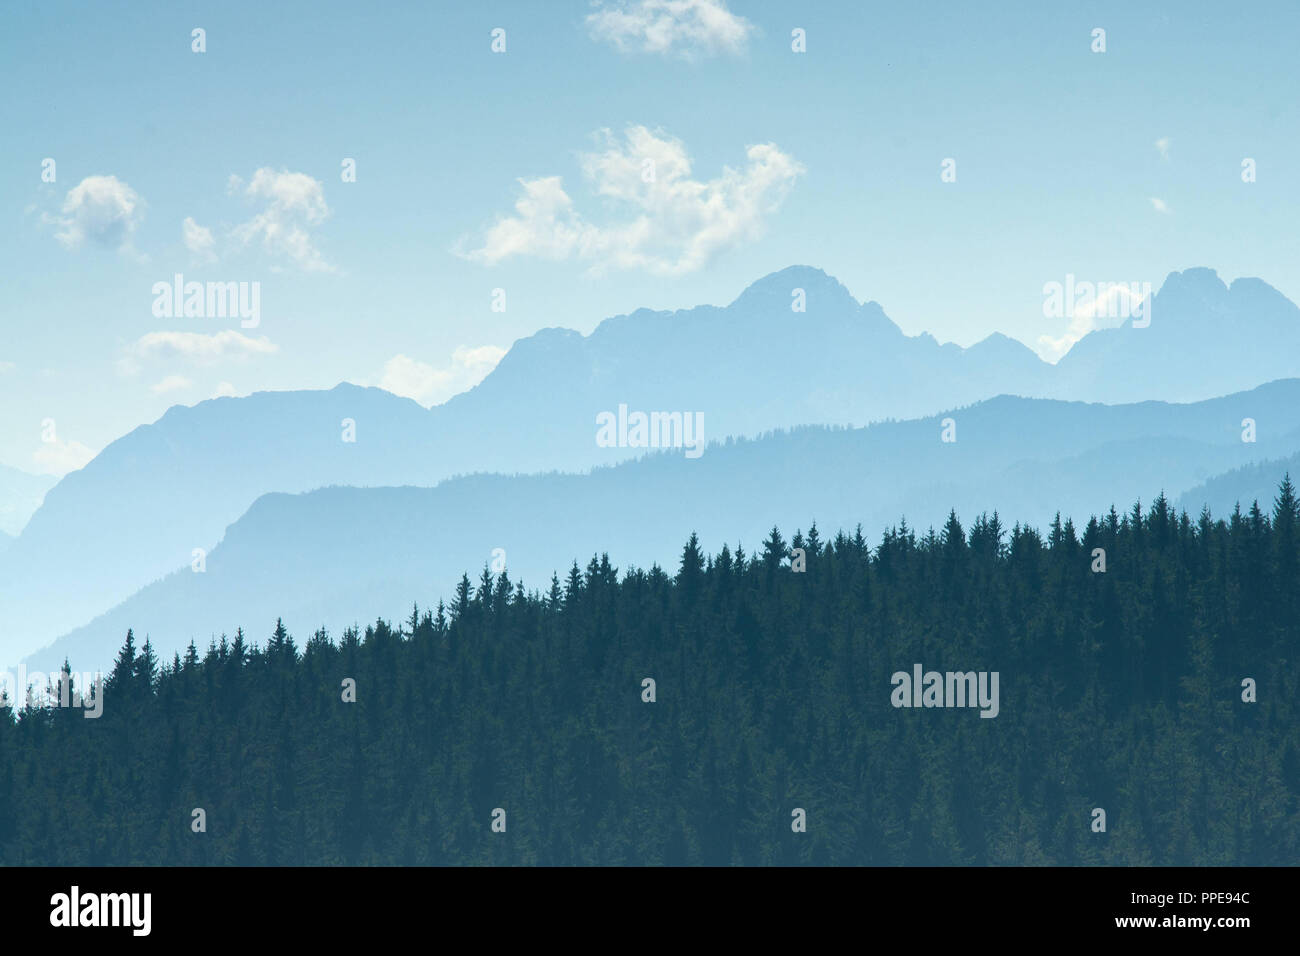 Ambiance chaleureuse sur les montagnes. Photo Stock